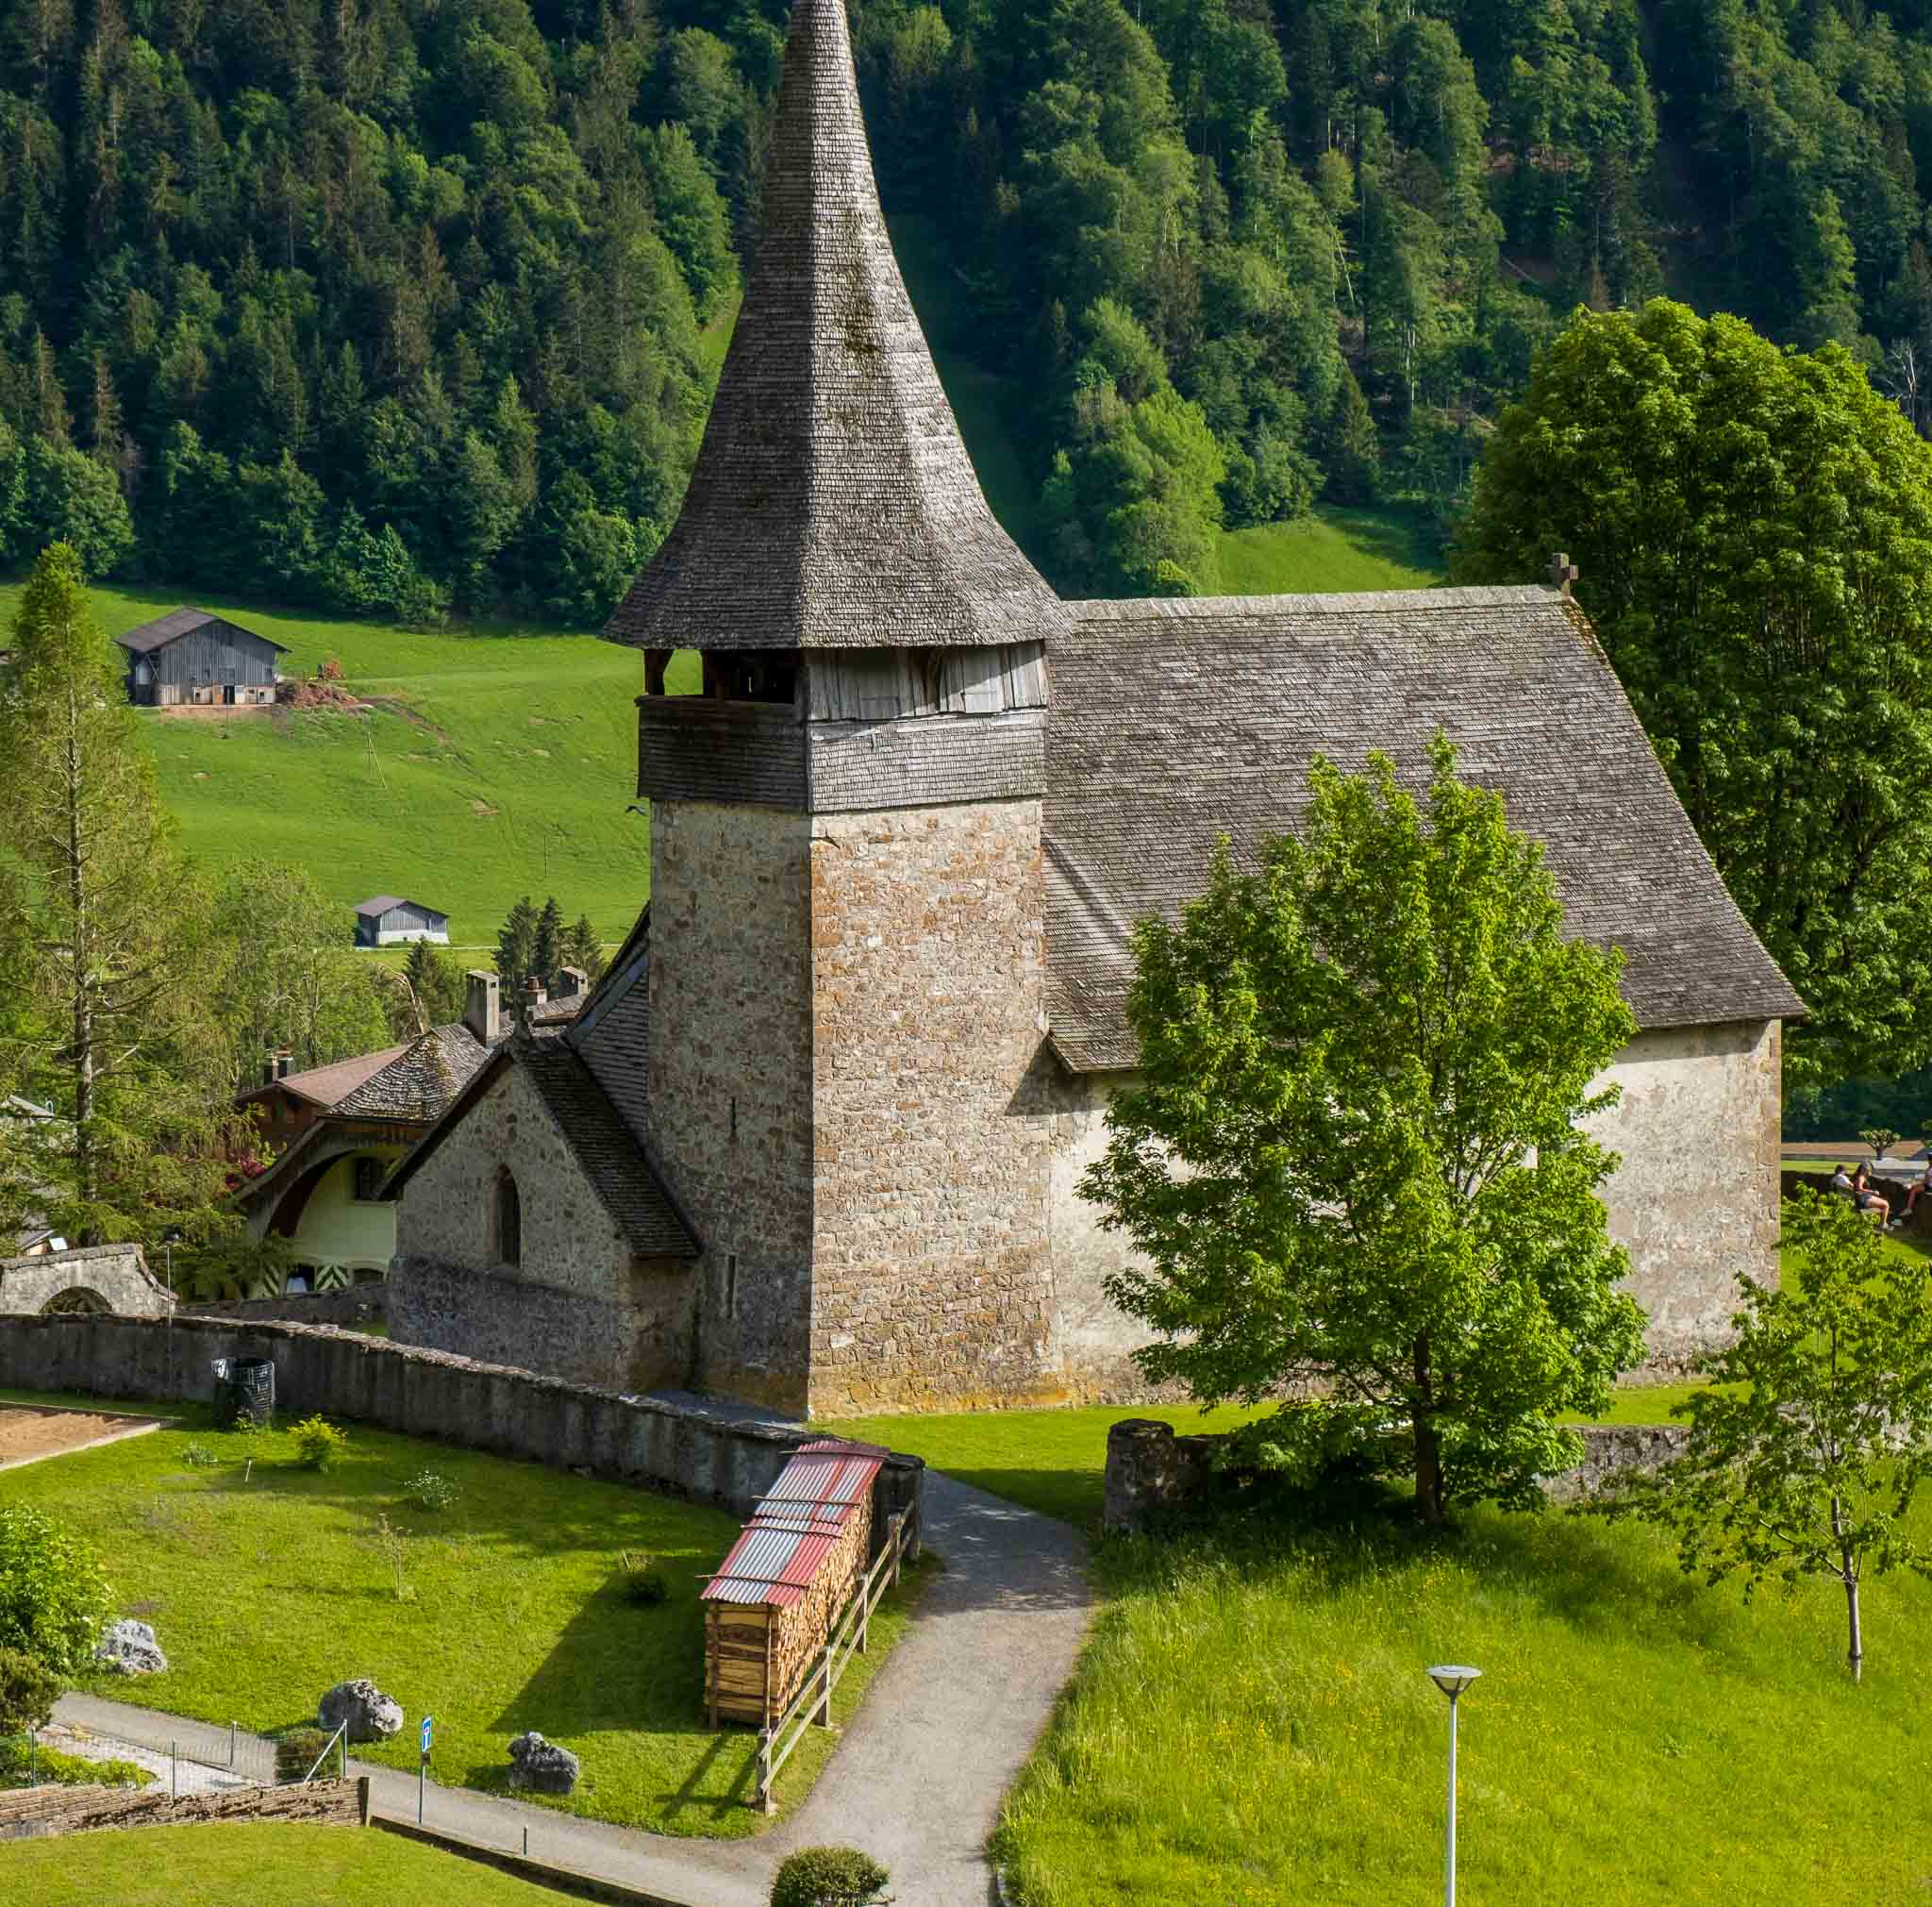 Rossinière Church on Rossinière audio tour Cowbells, Chalets and Balthus: A Swiss Alpine Village Excursion